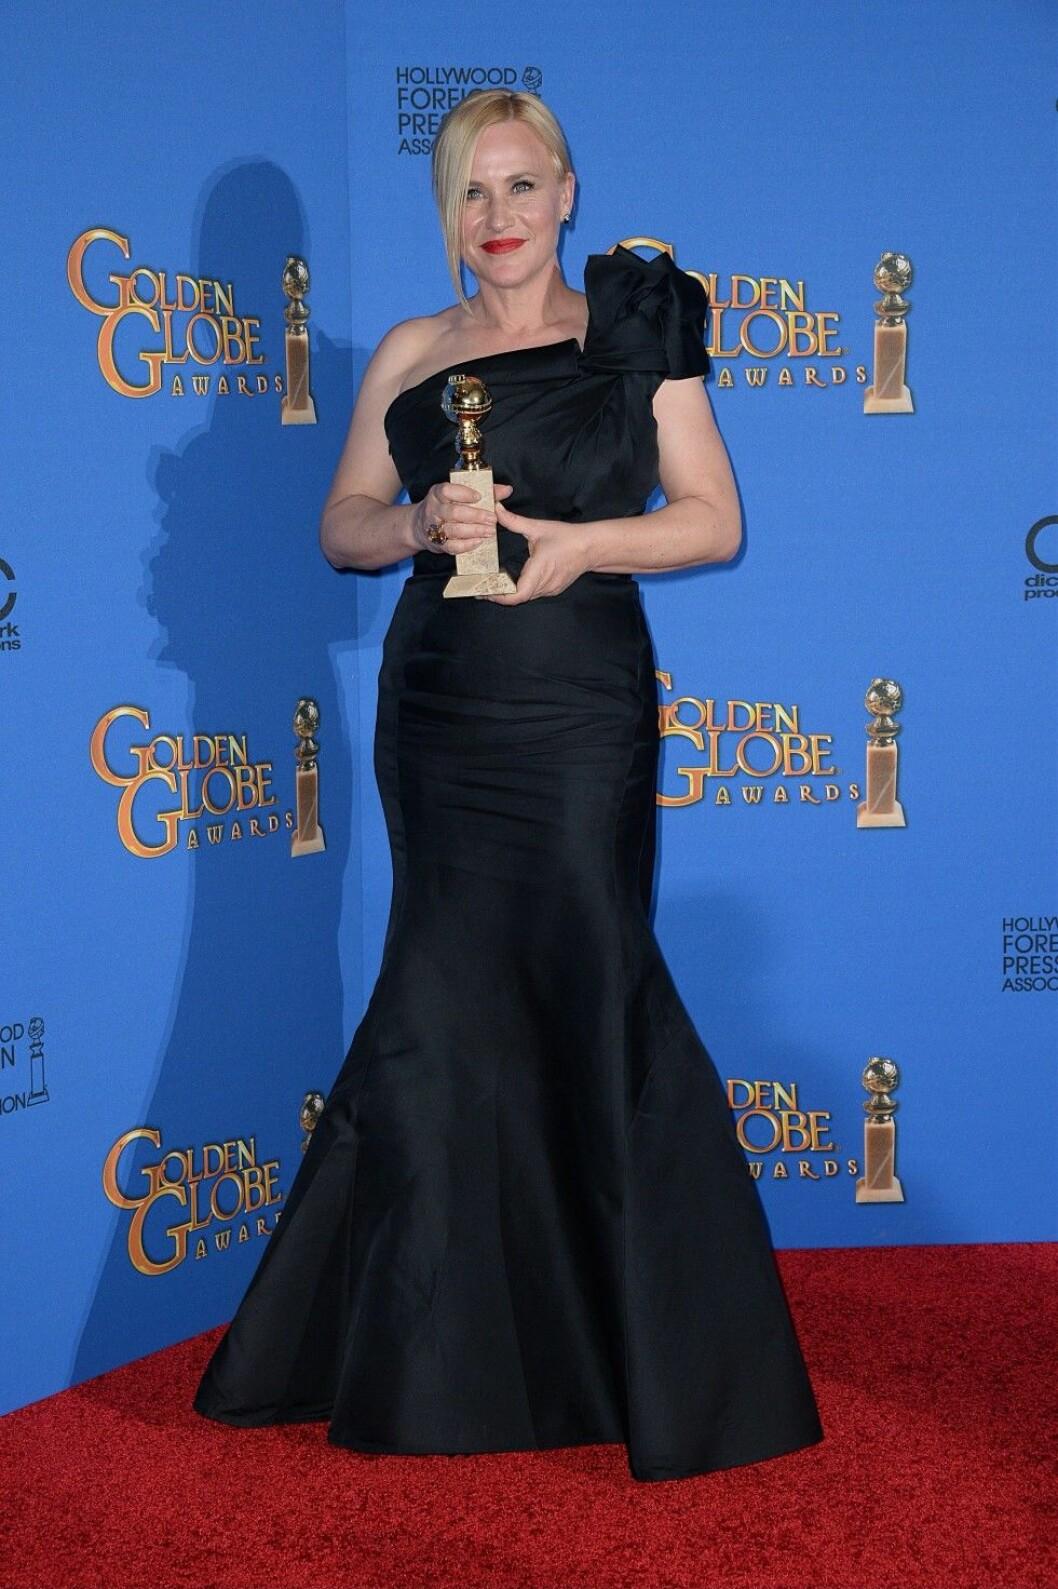 72nd Golden Globes - Press Room